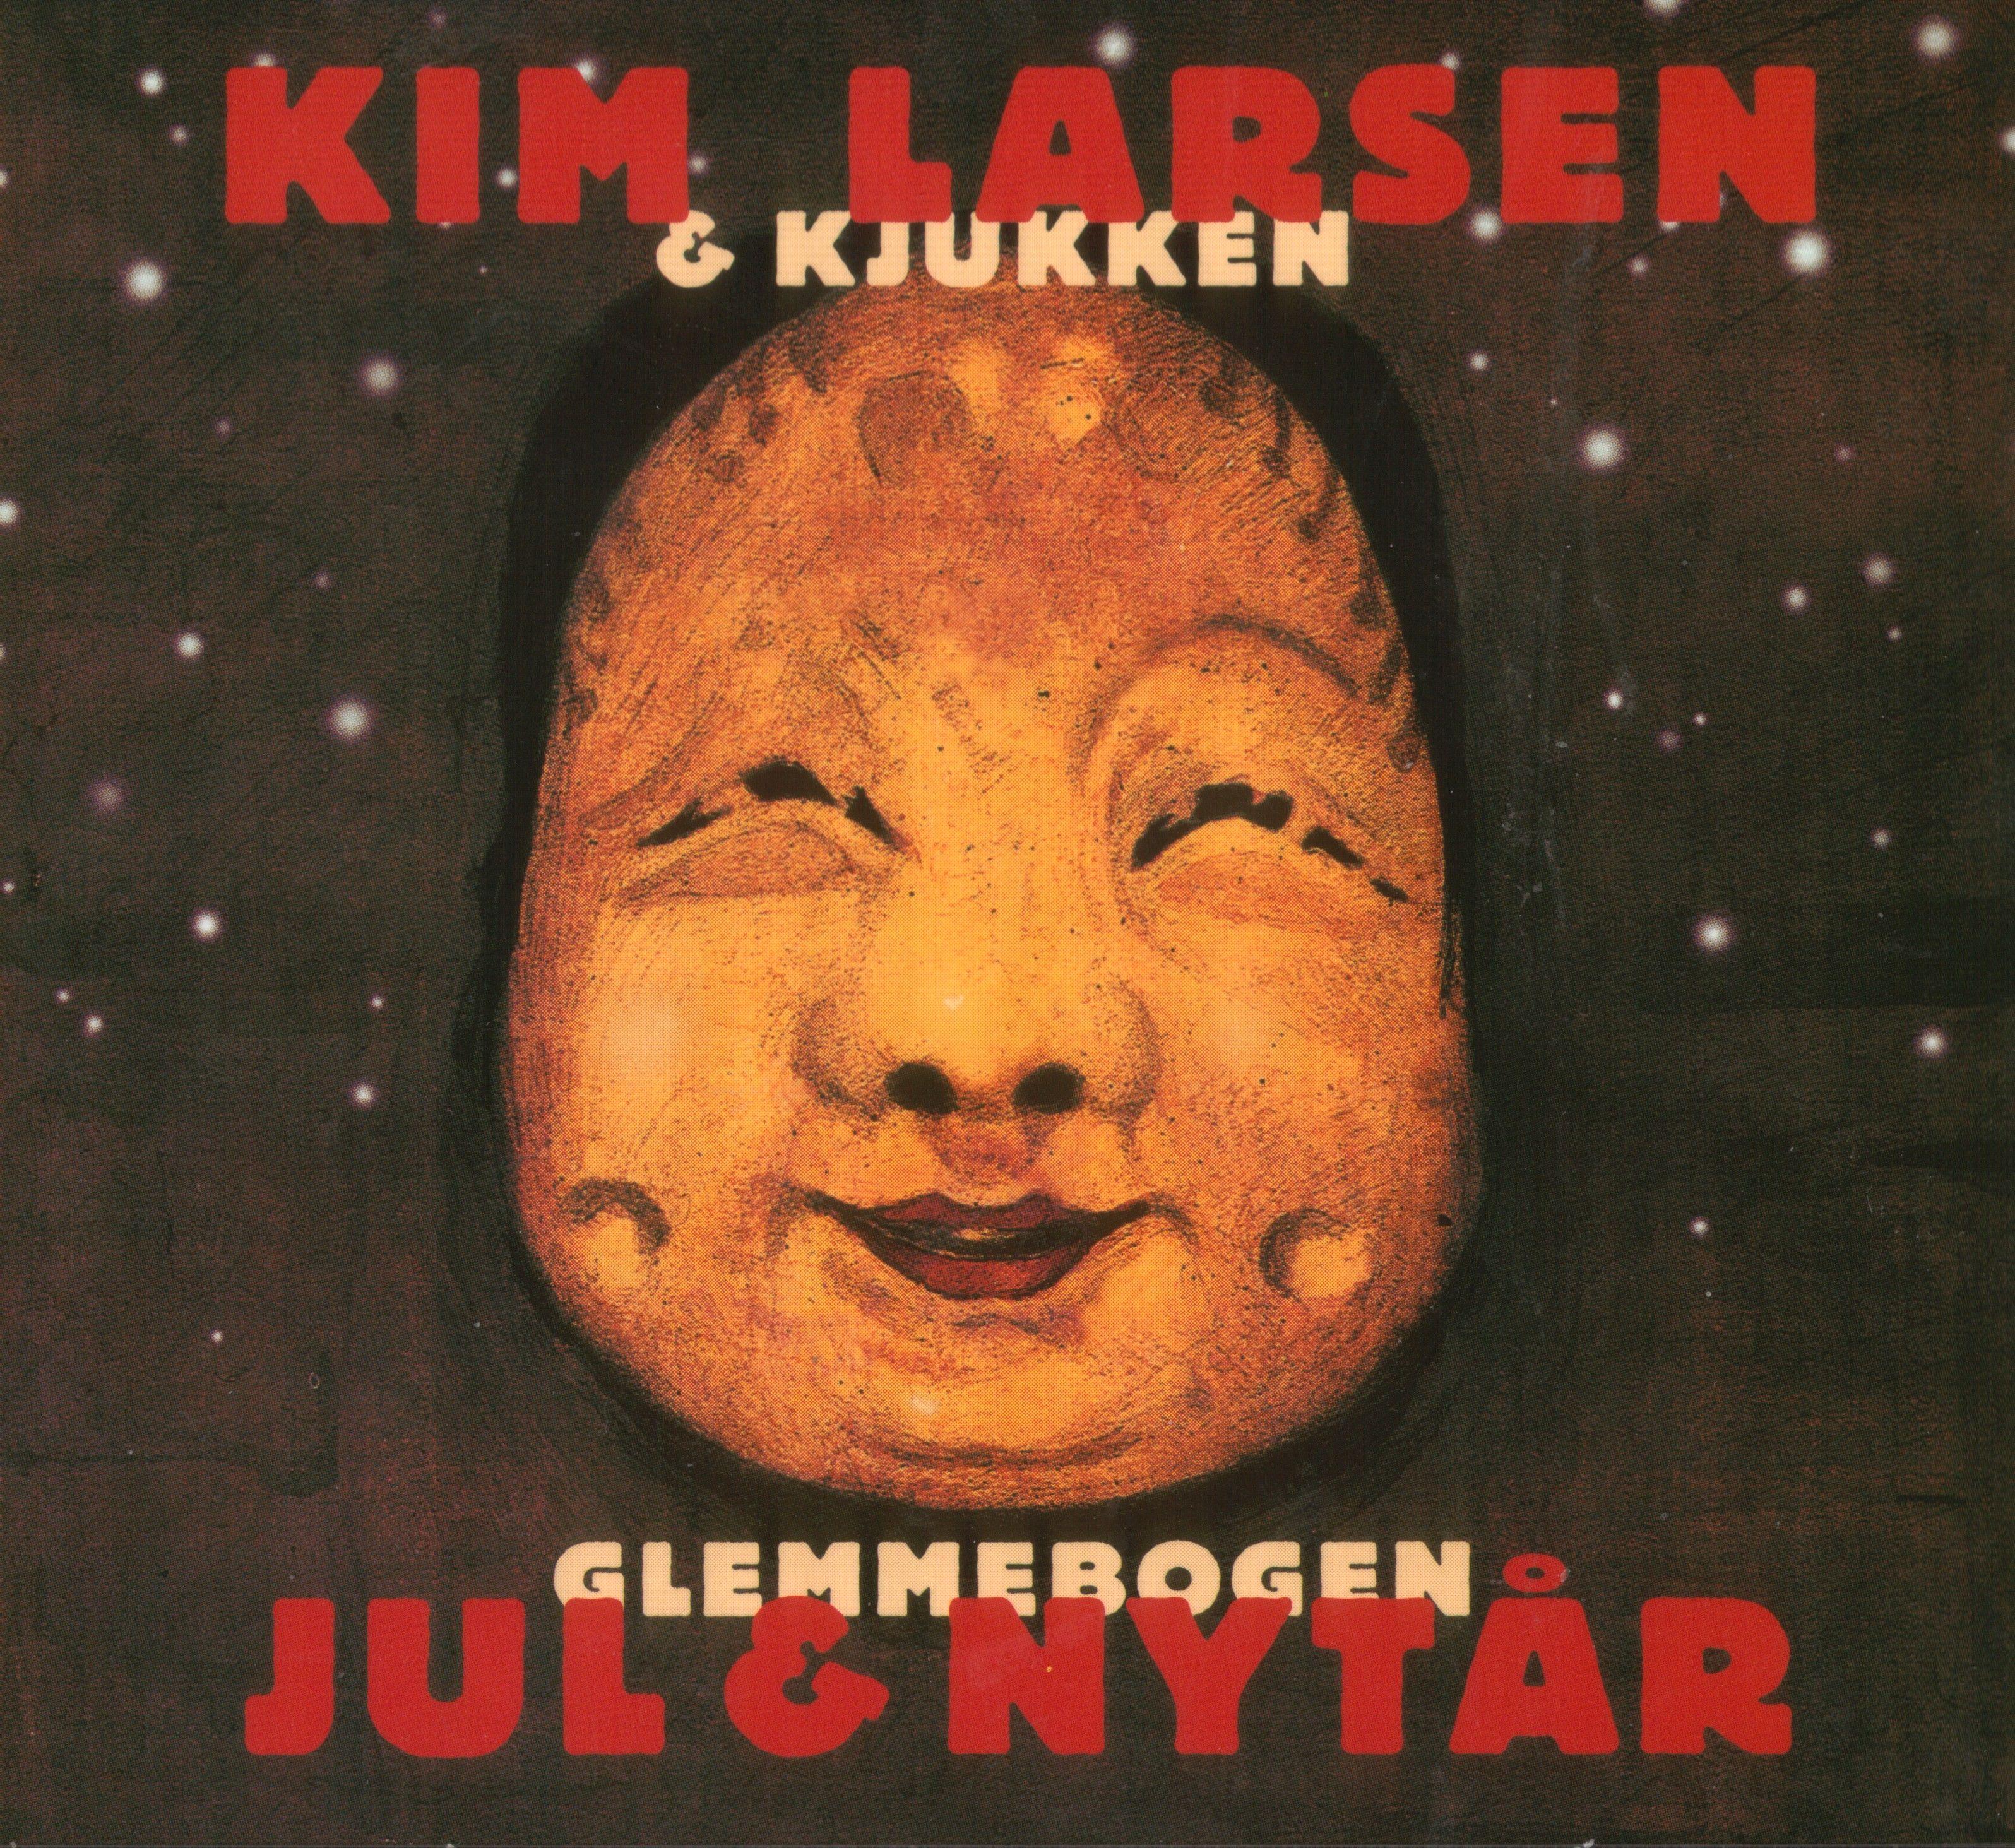 Kim Larsen - Glemmebogen Jul & Nytår album cover